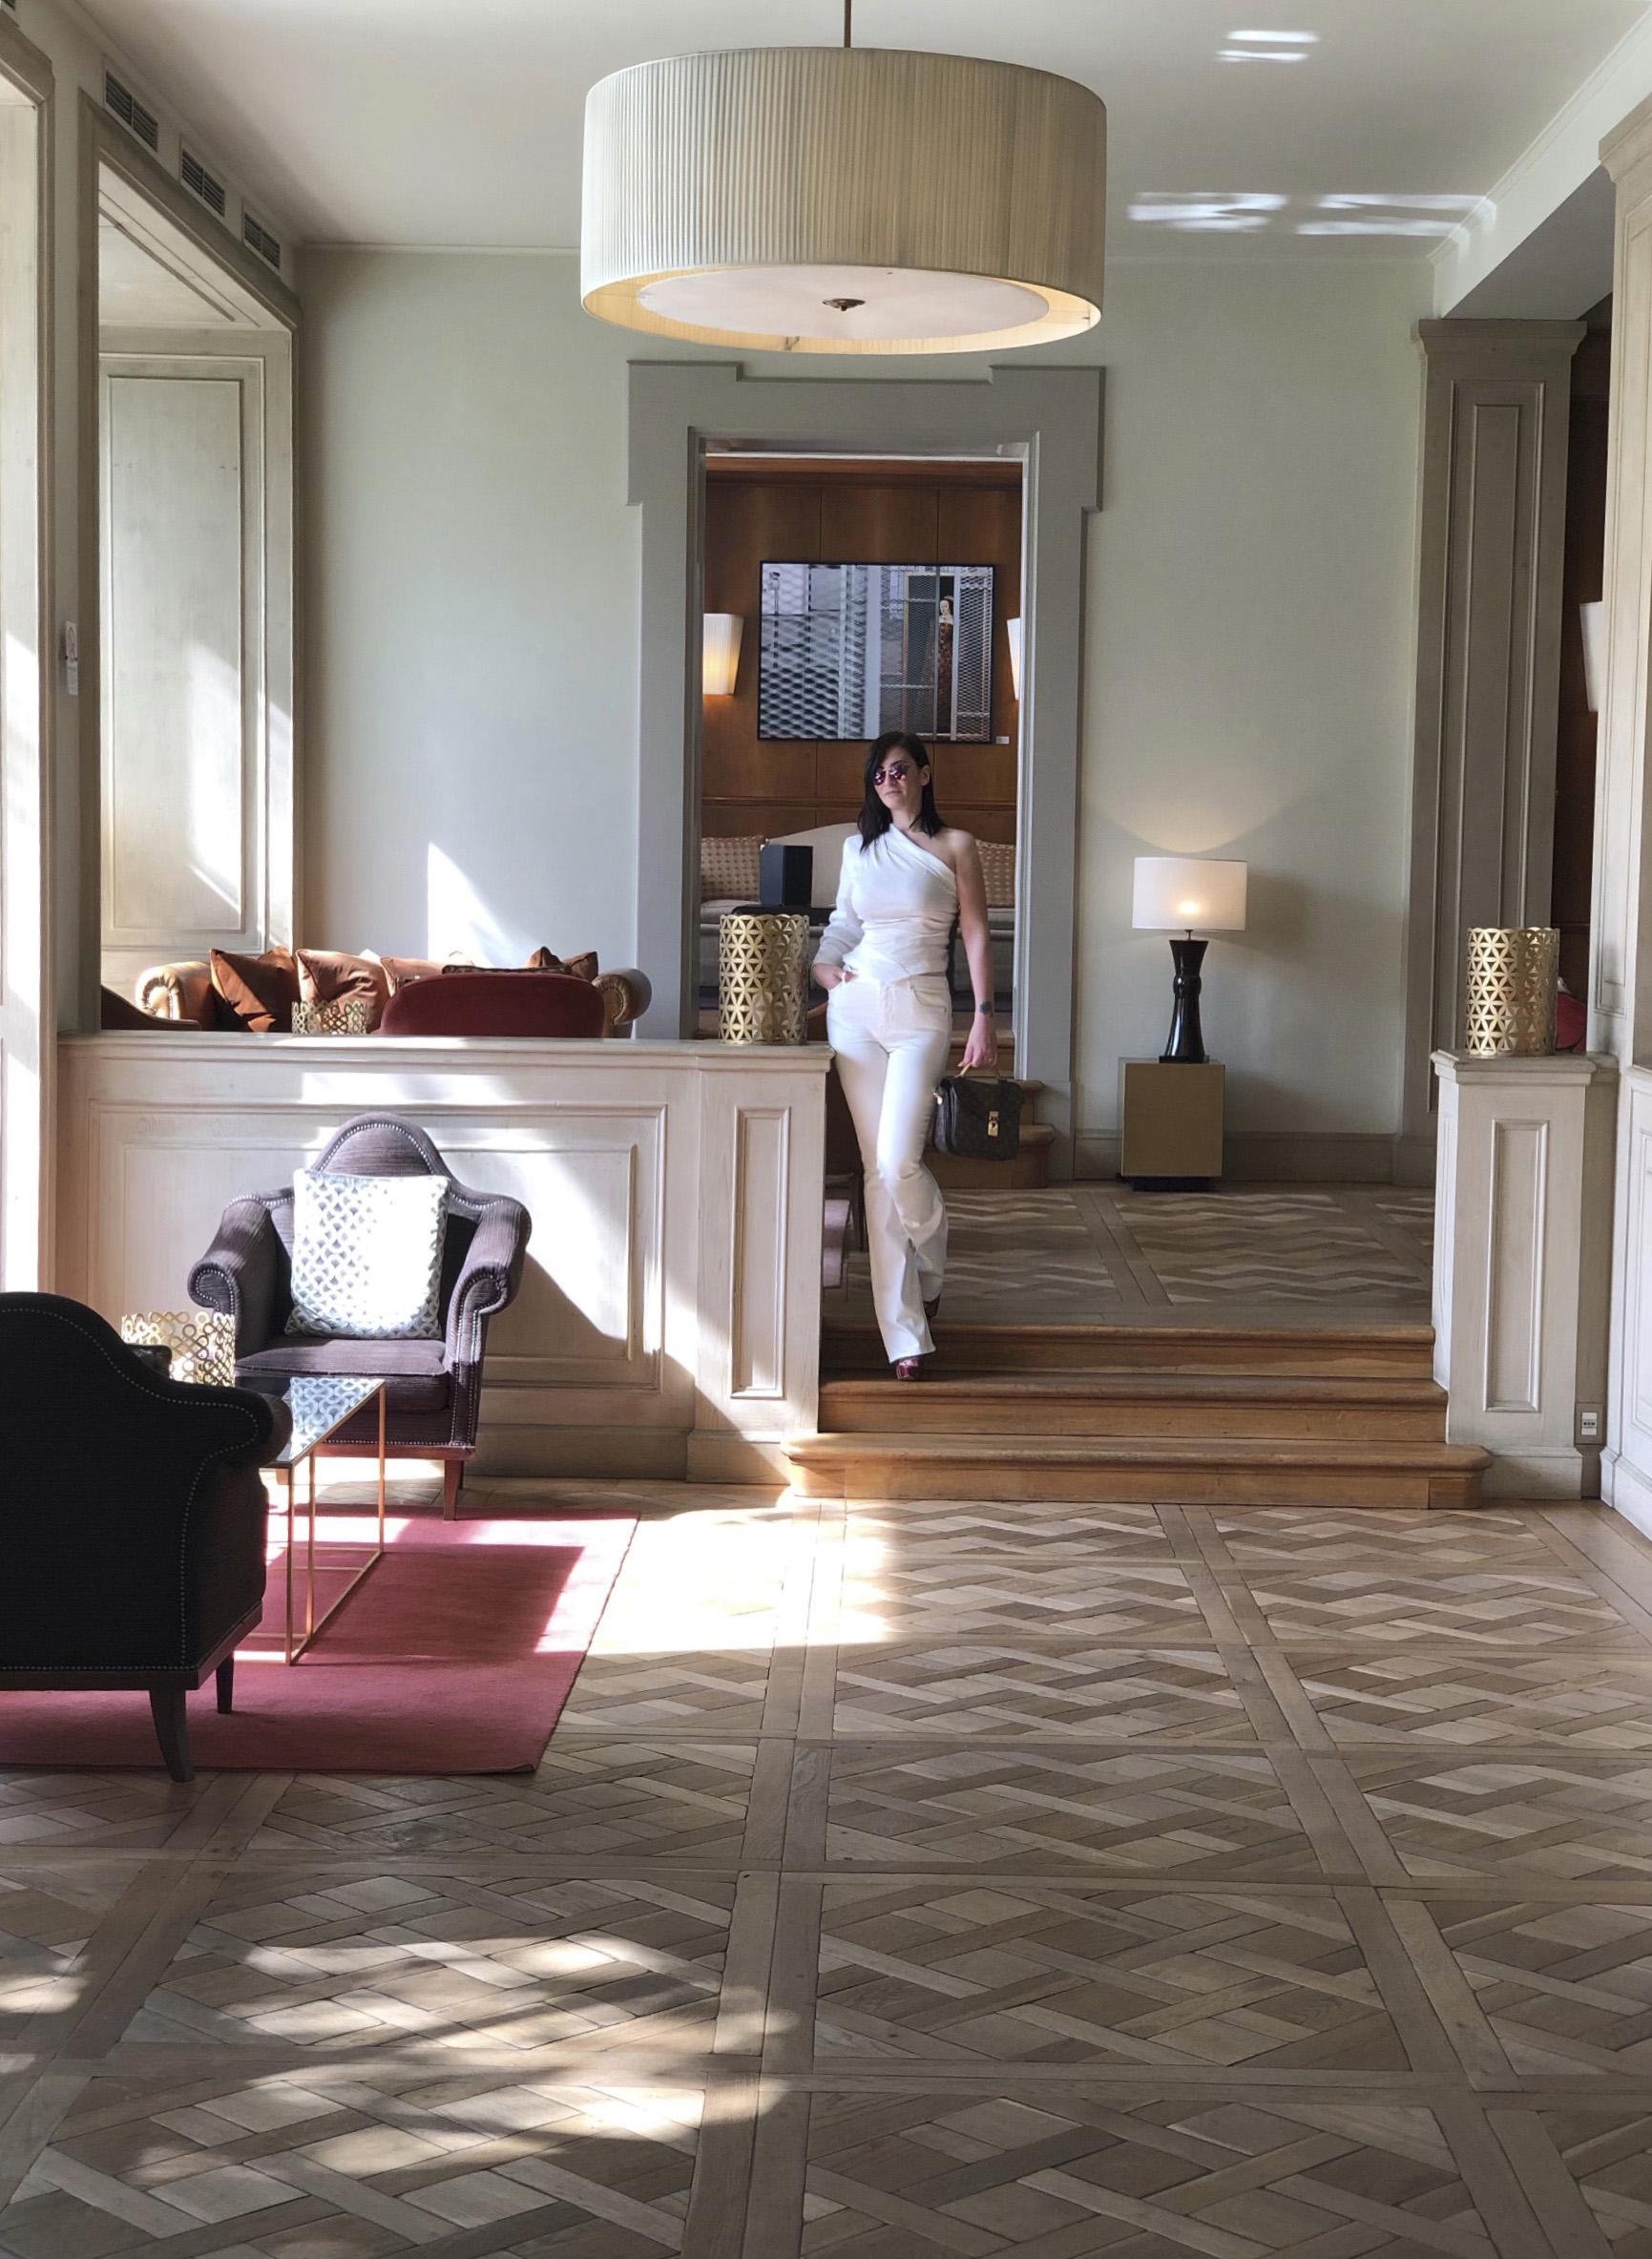 Sina Villa Medici scelta lussuosa per soggiornare nella ...